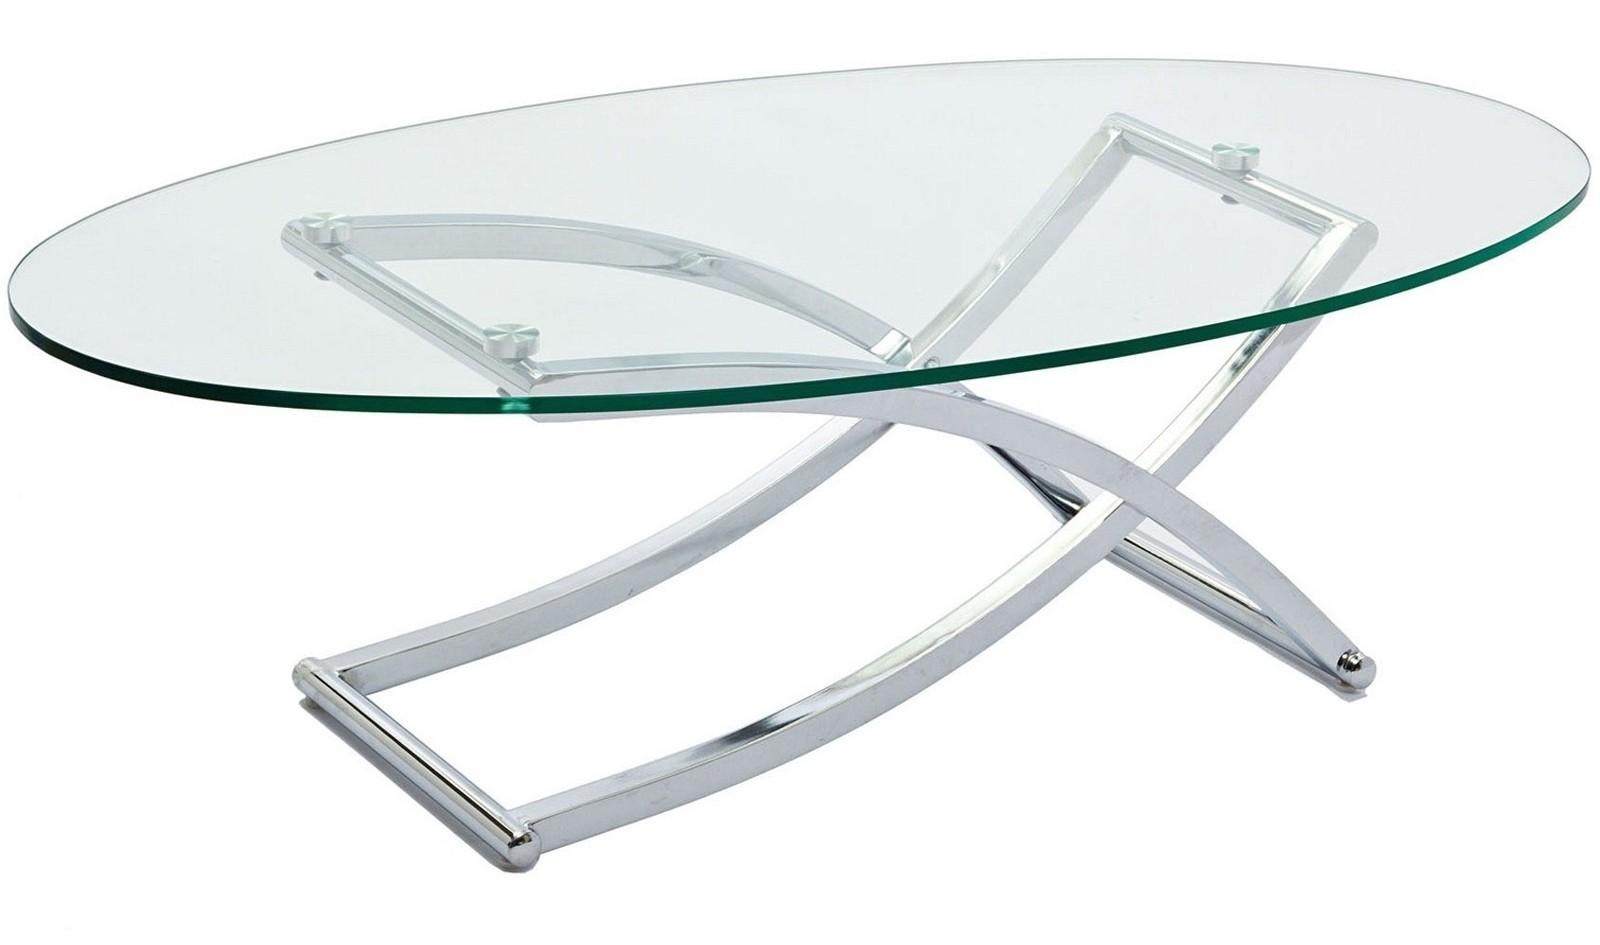 Criss Cross Coffee Table Eei 659 Indoor Furniture